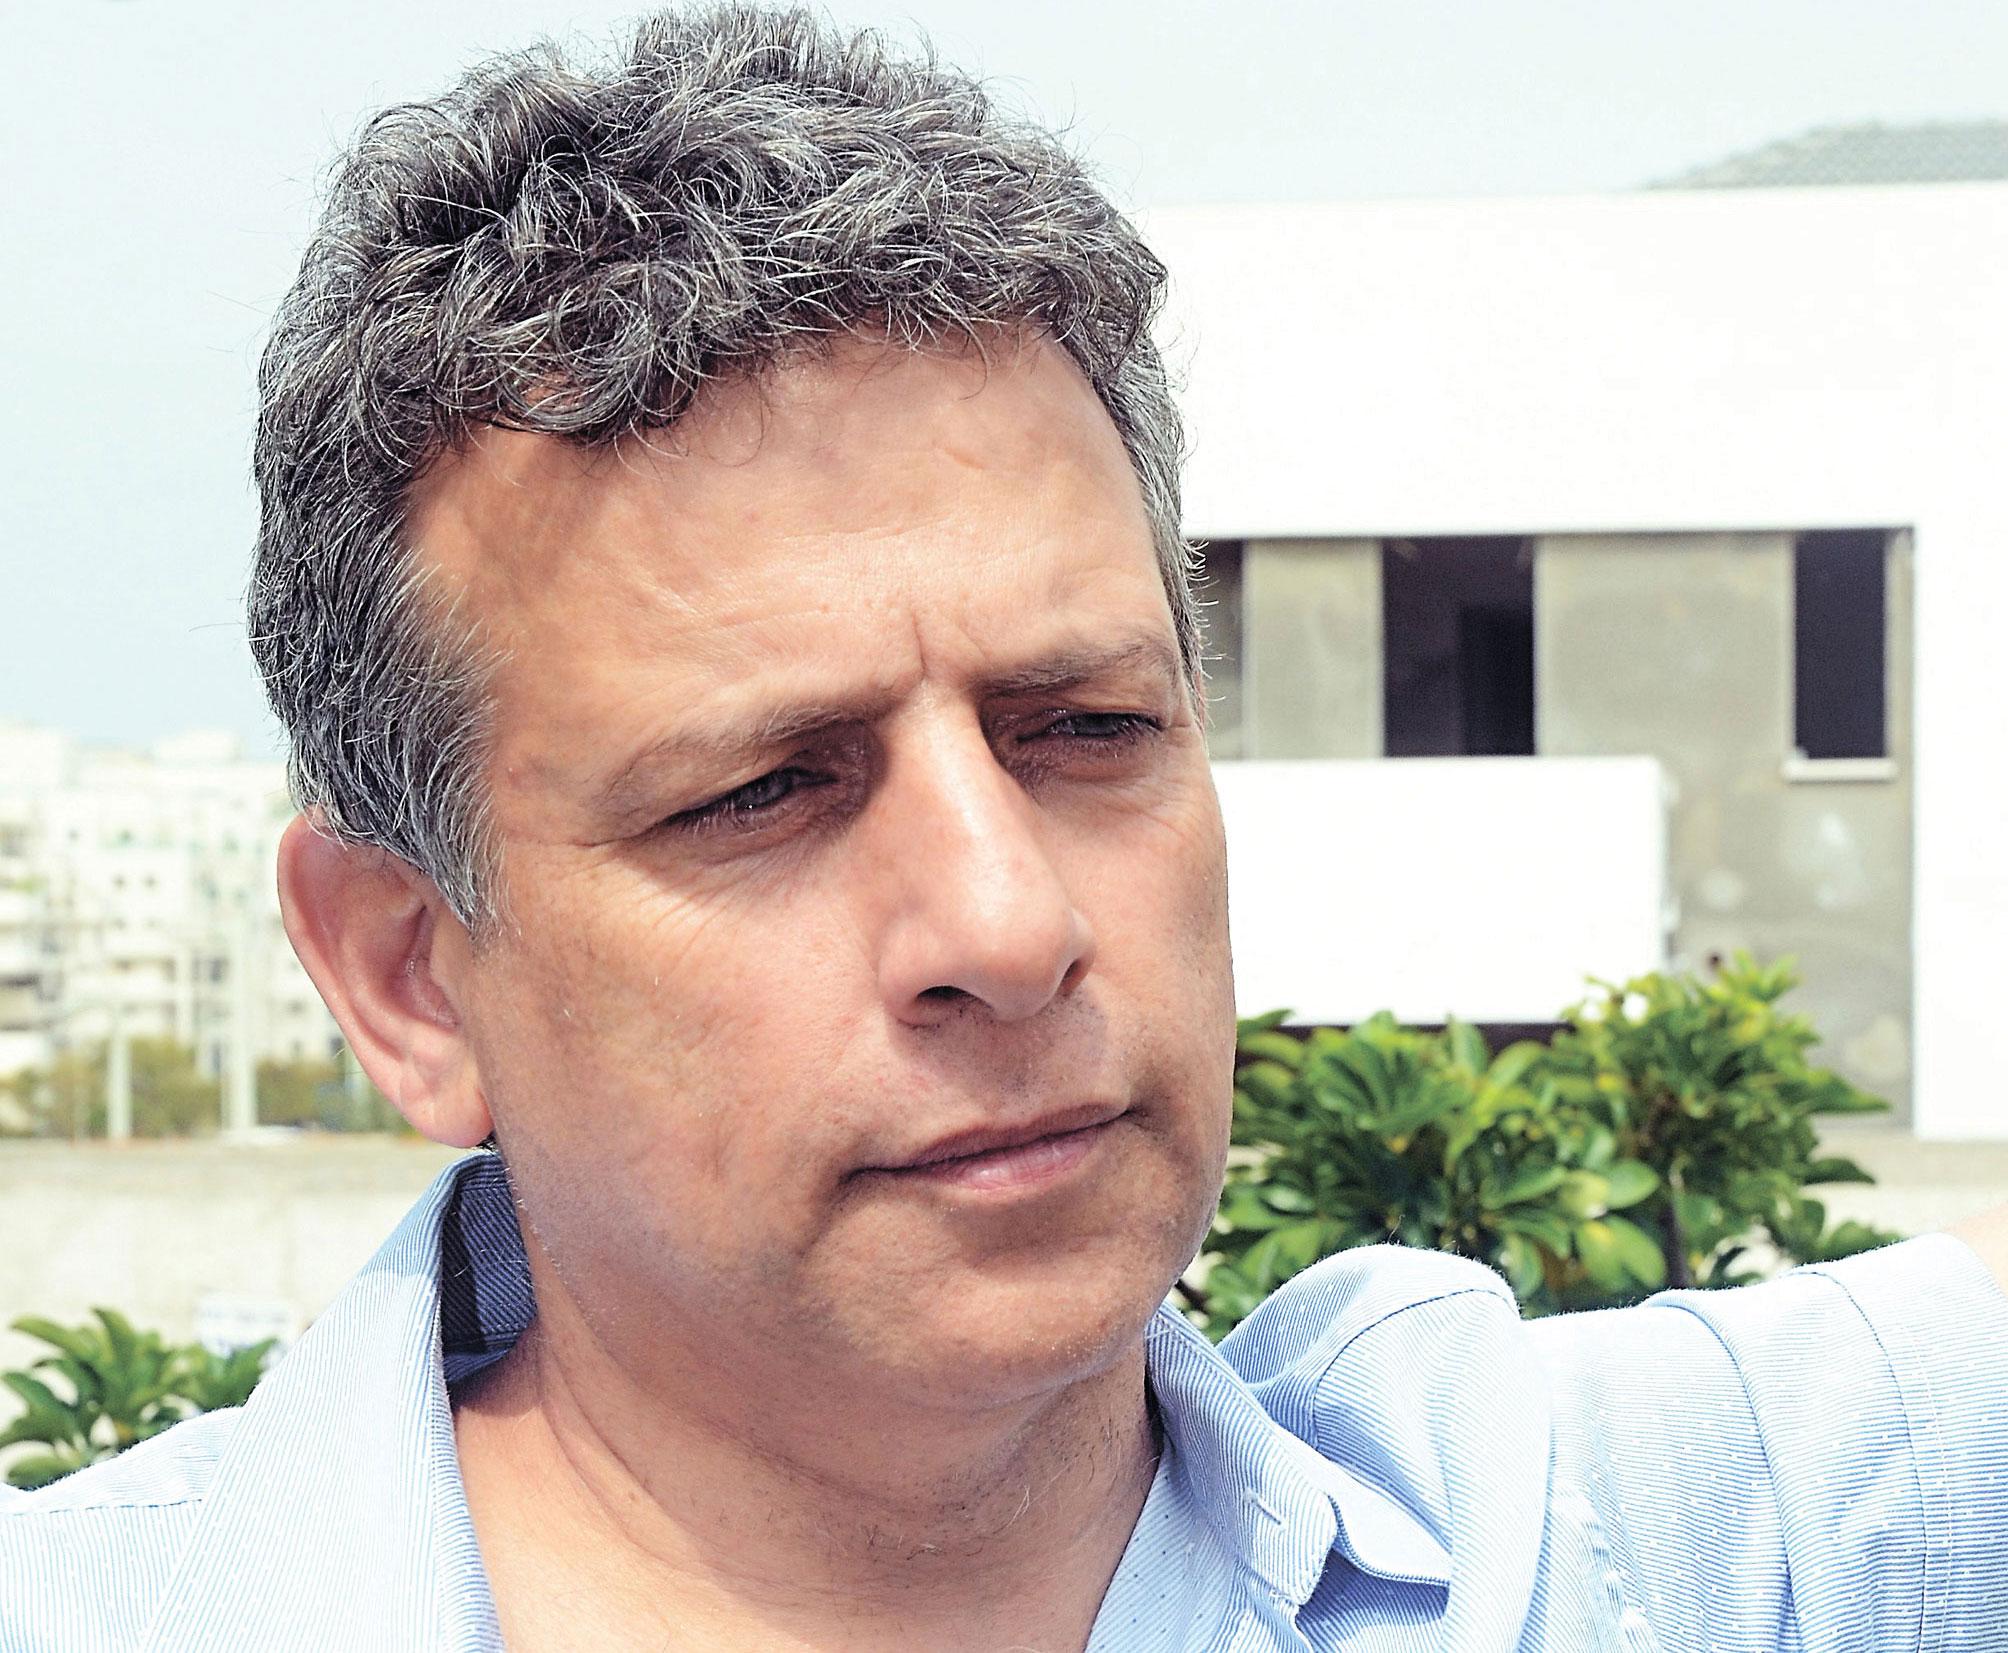 חבר המועצה צדוק בן משה צילום זאב שטרן